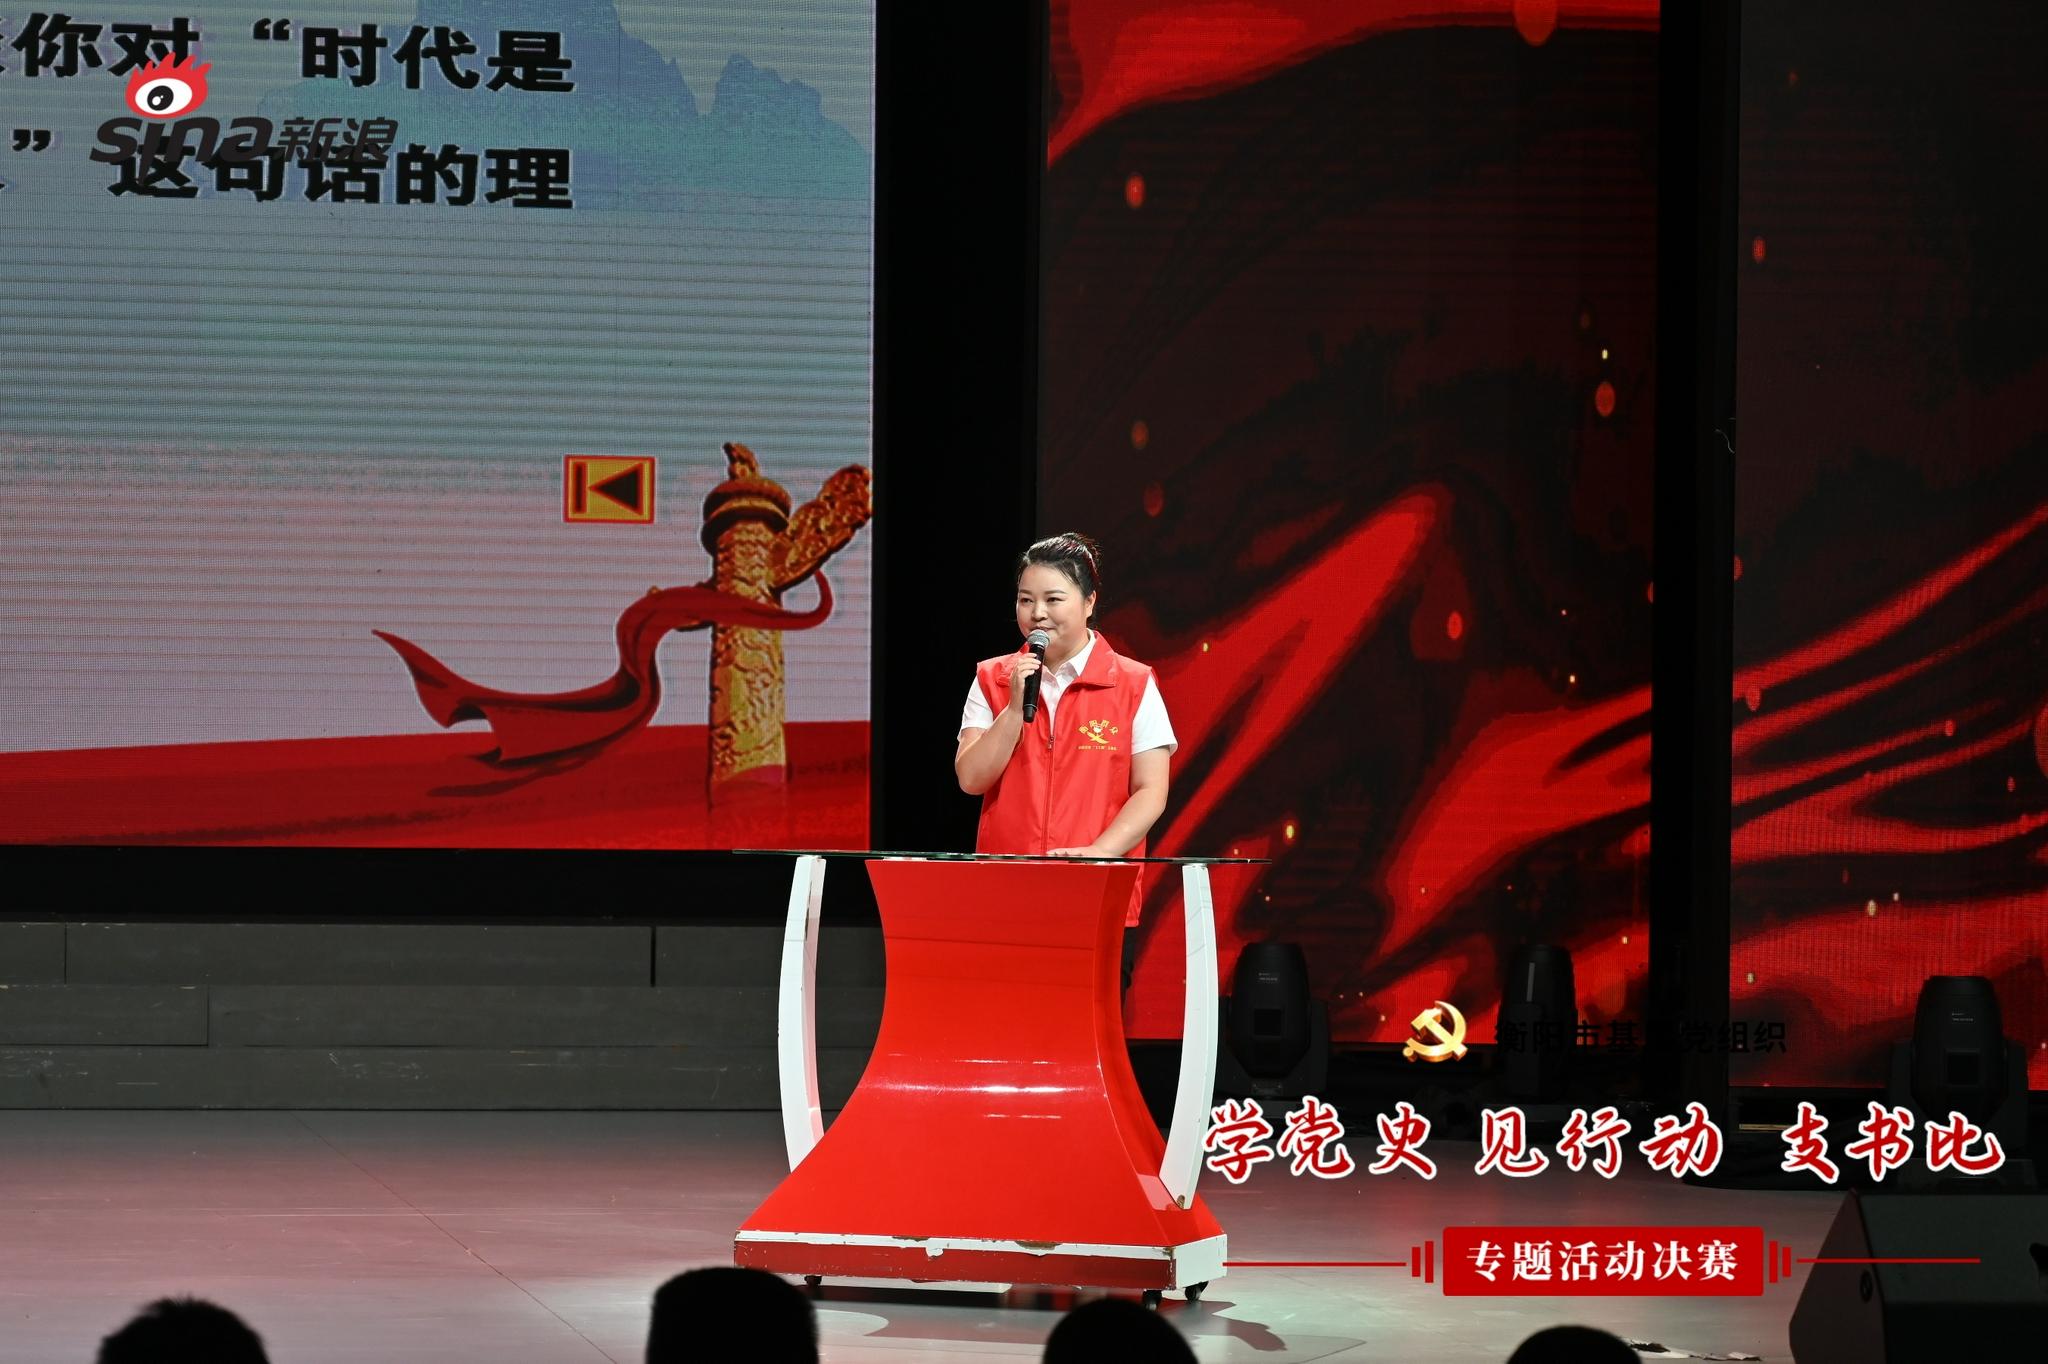 蒸湘区红湘街道冶金社区党总支书记 张婷